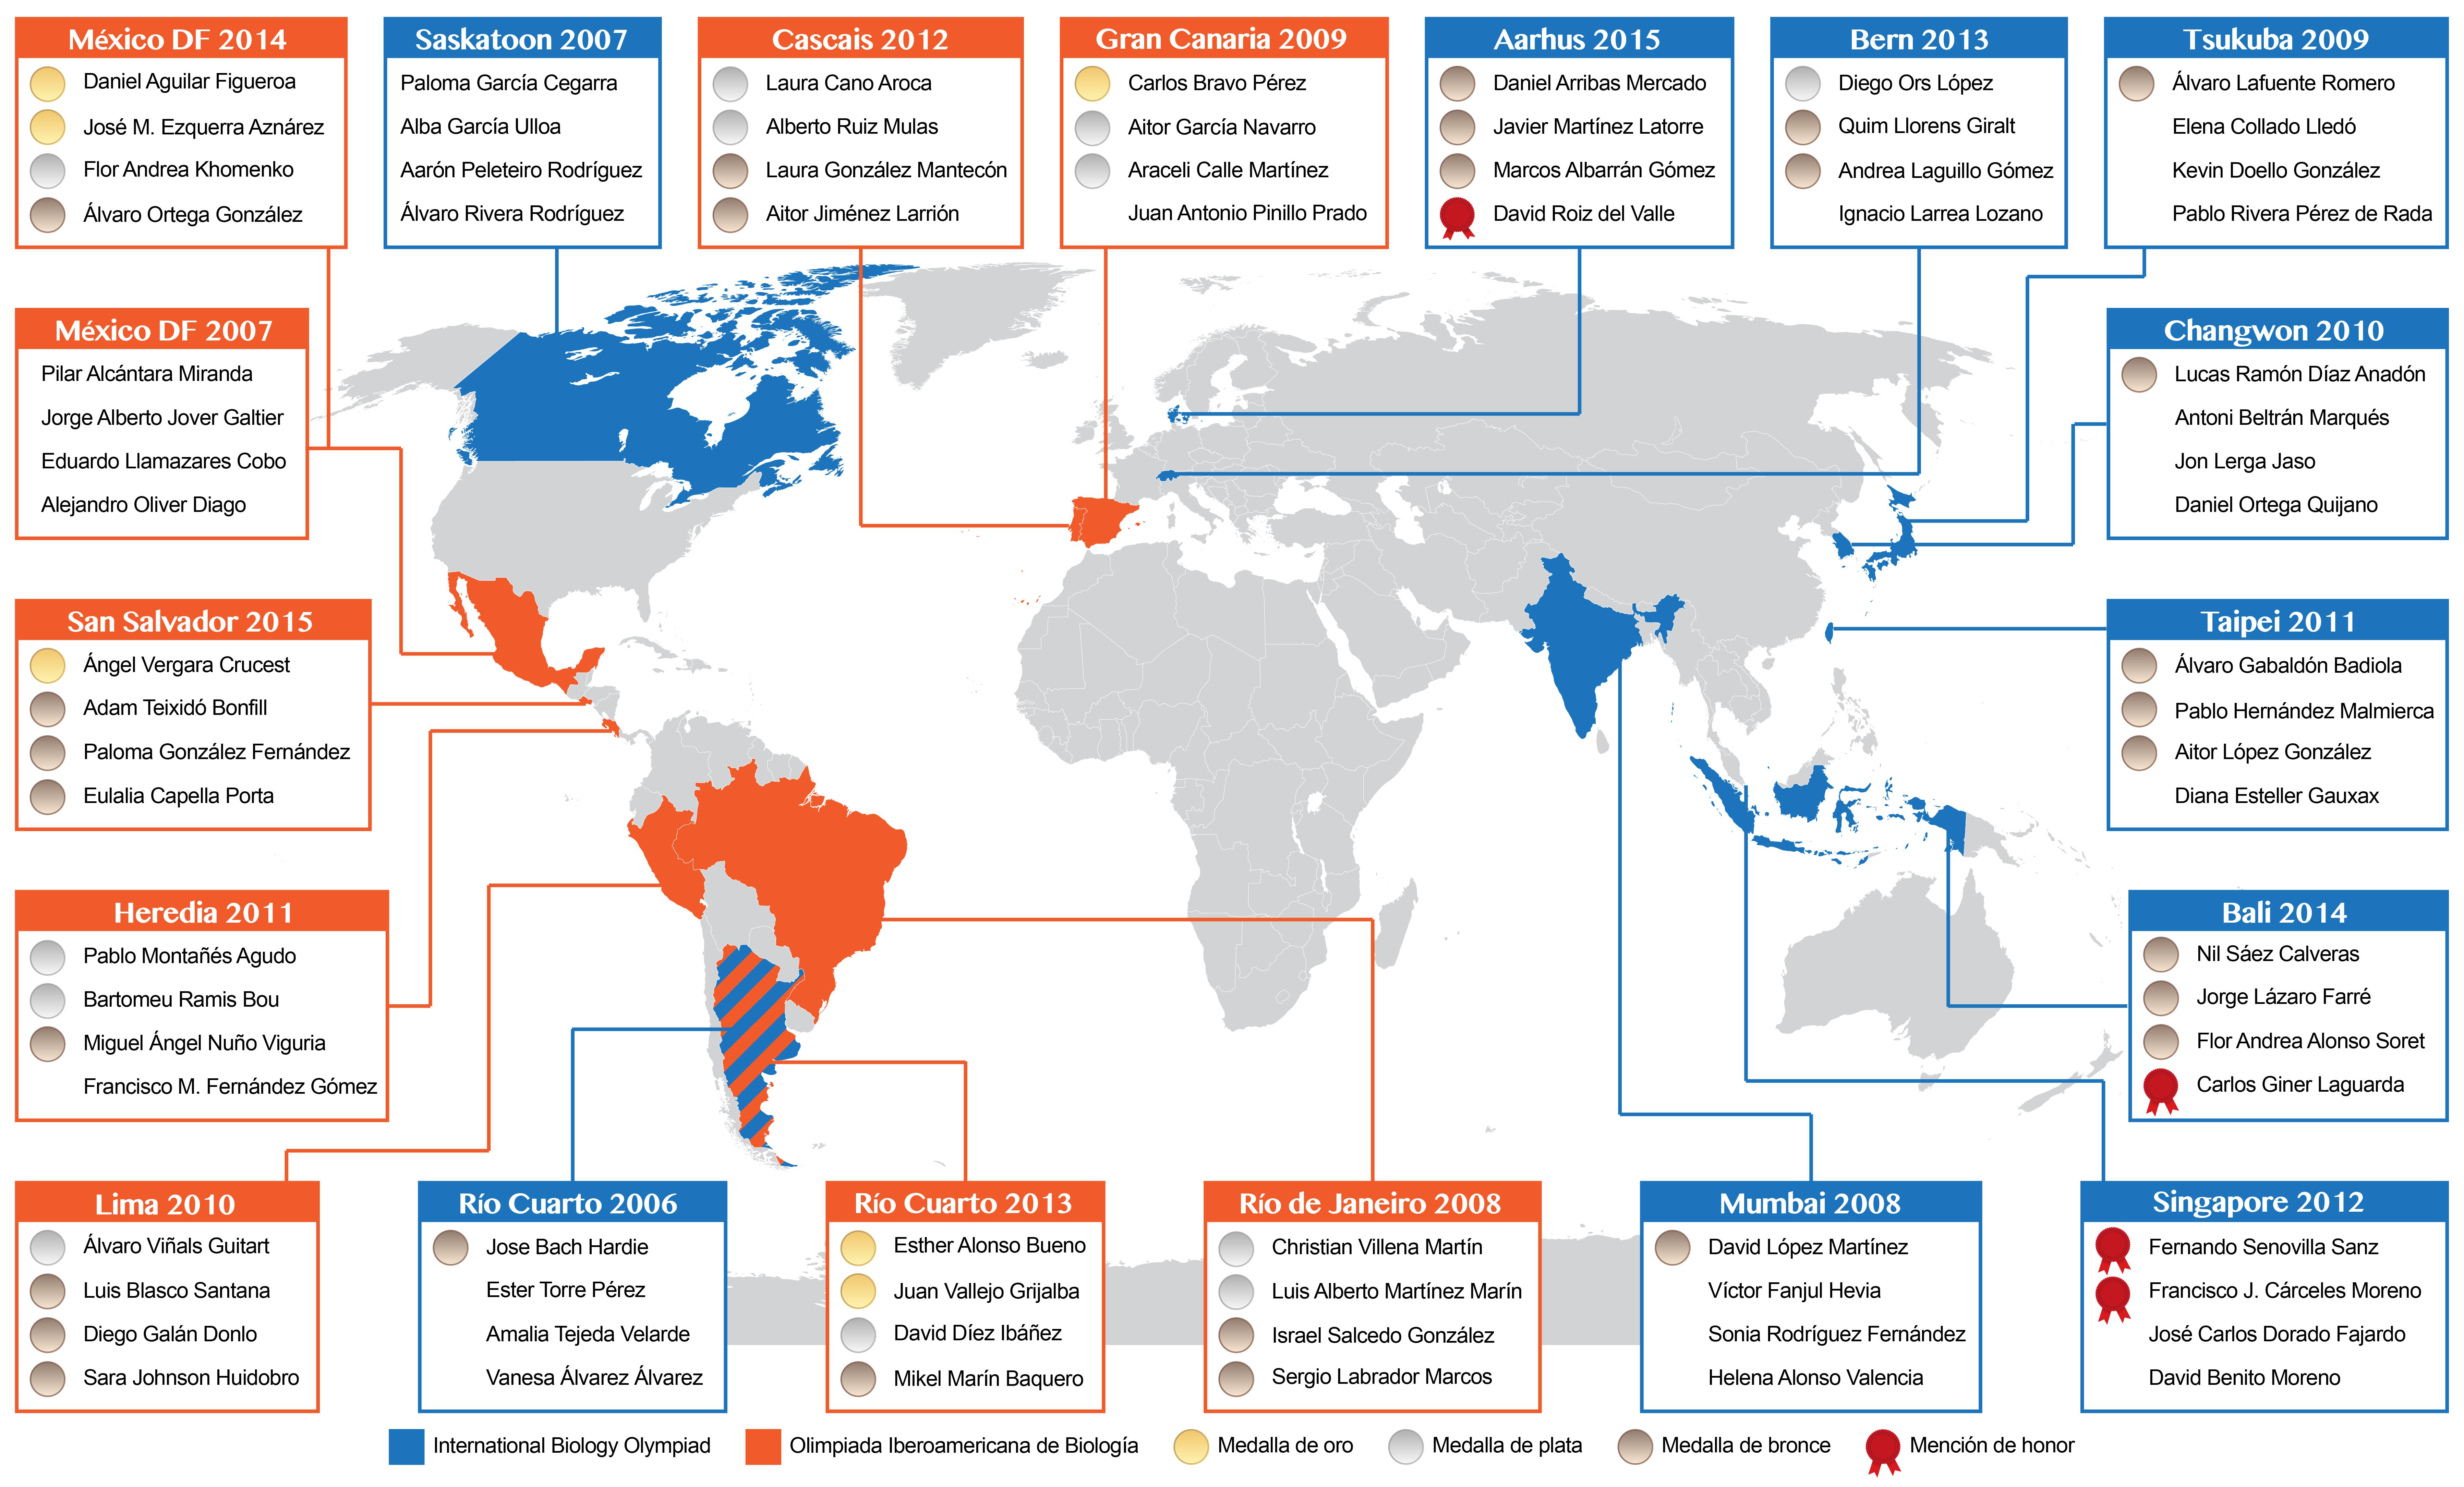 Distribución medallas de alumni OEB en las olimpiadas internacionales e iberoamericanas de biología – Alumni OEB